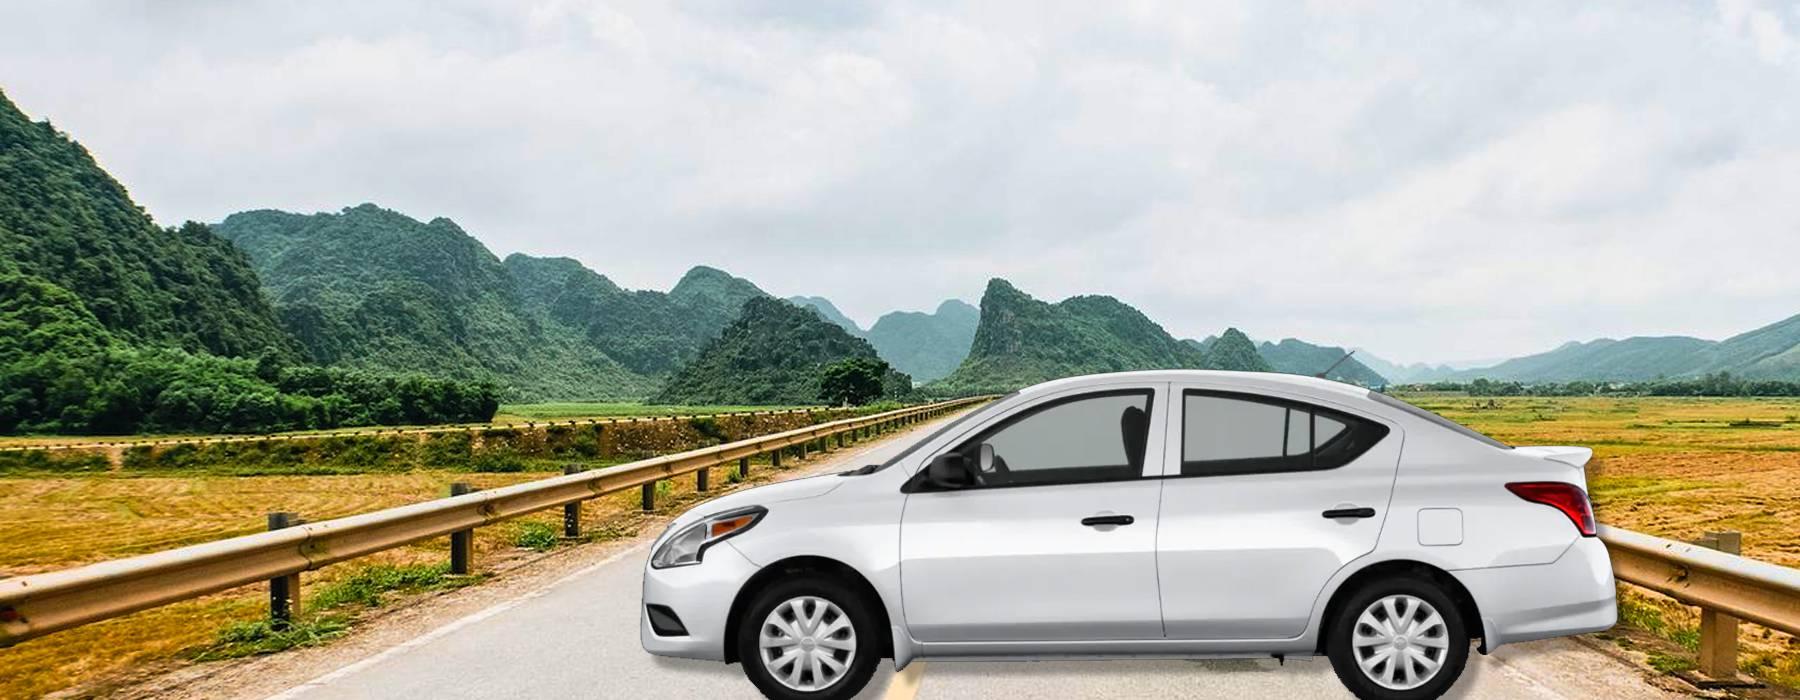 auto huren in Vietnam